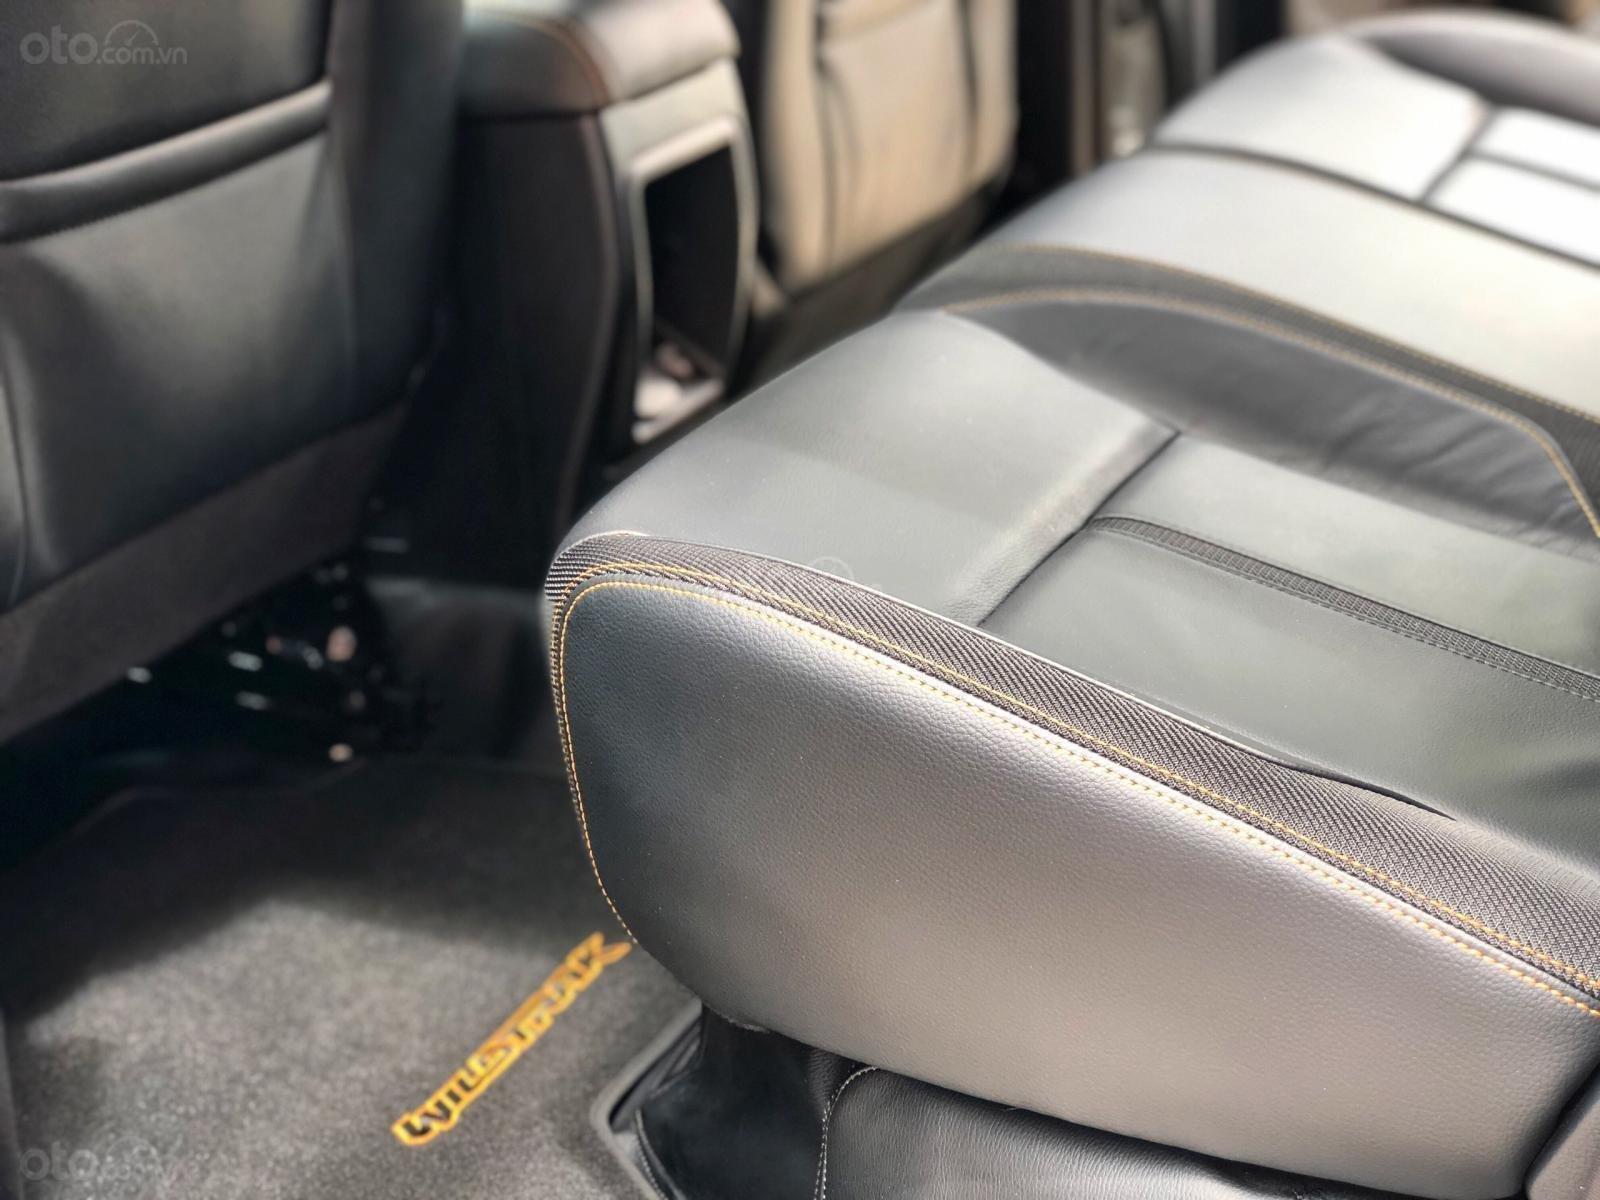 Phú Thọ tư vấn bán Ford Ranger 2019, chỉ từ từ 860tr nhận ngay Wildtrack biturbo. LH 0974286009 (8)